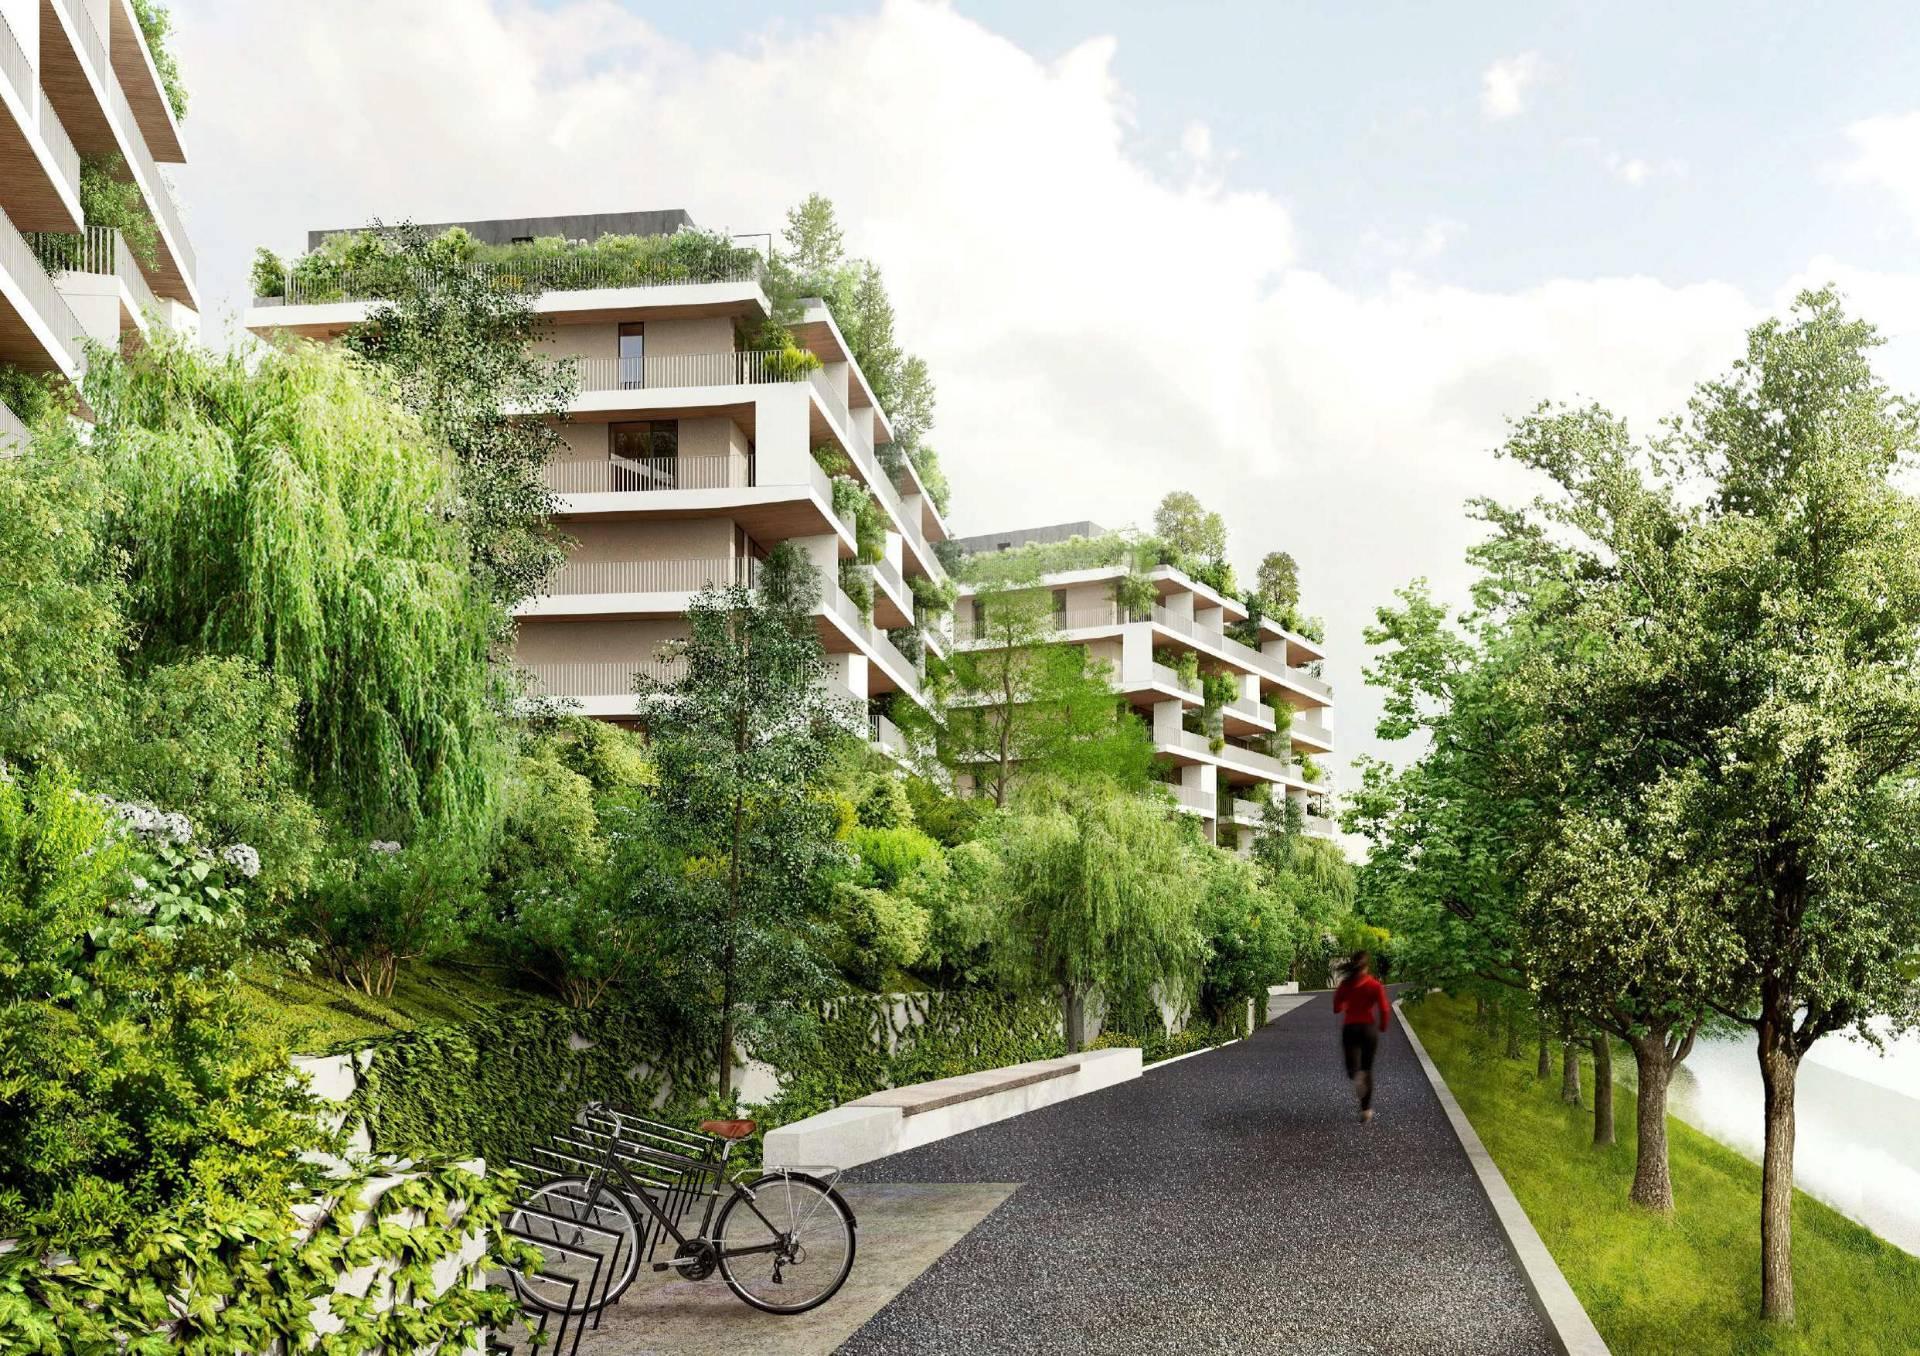 vendita appartamento treviso fuori mura  530000 euro  5 locali  201 mq